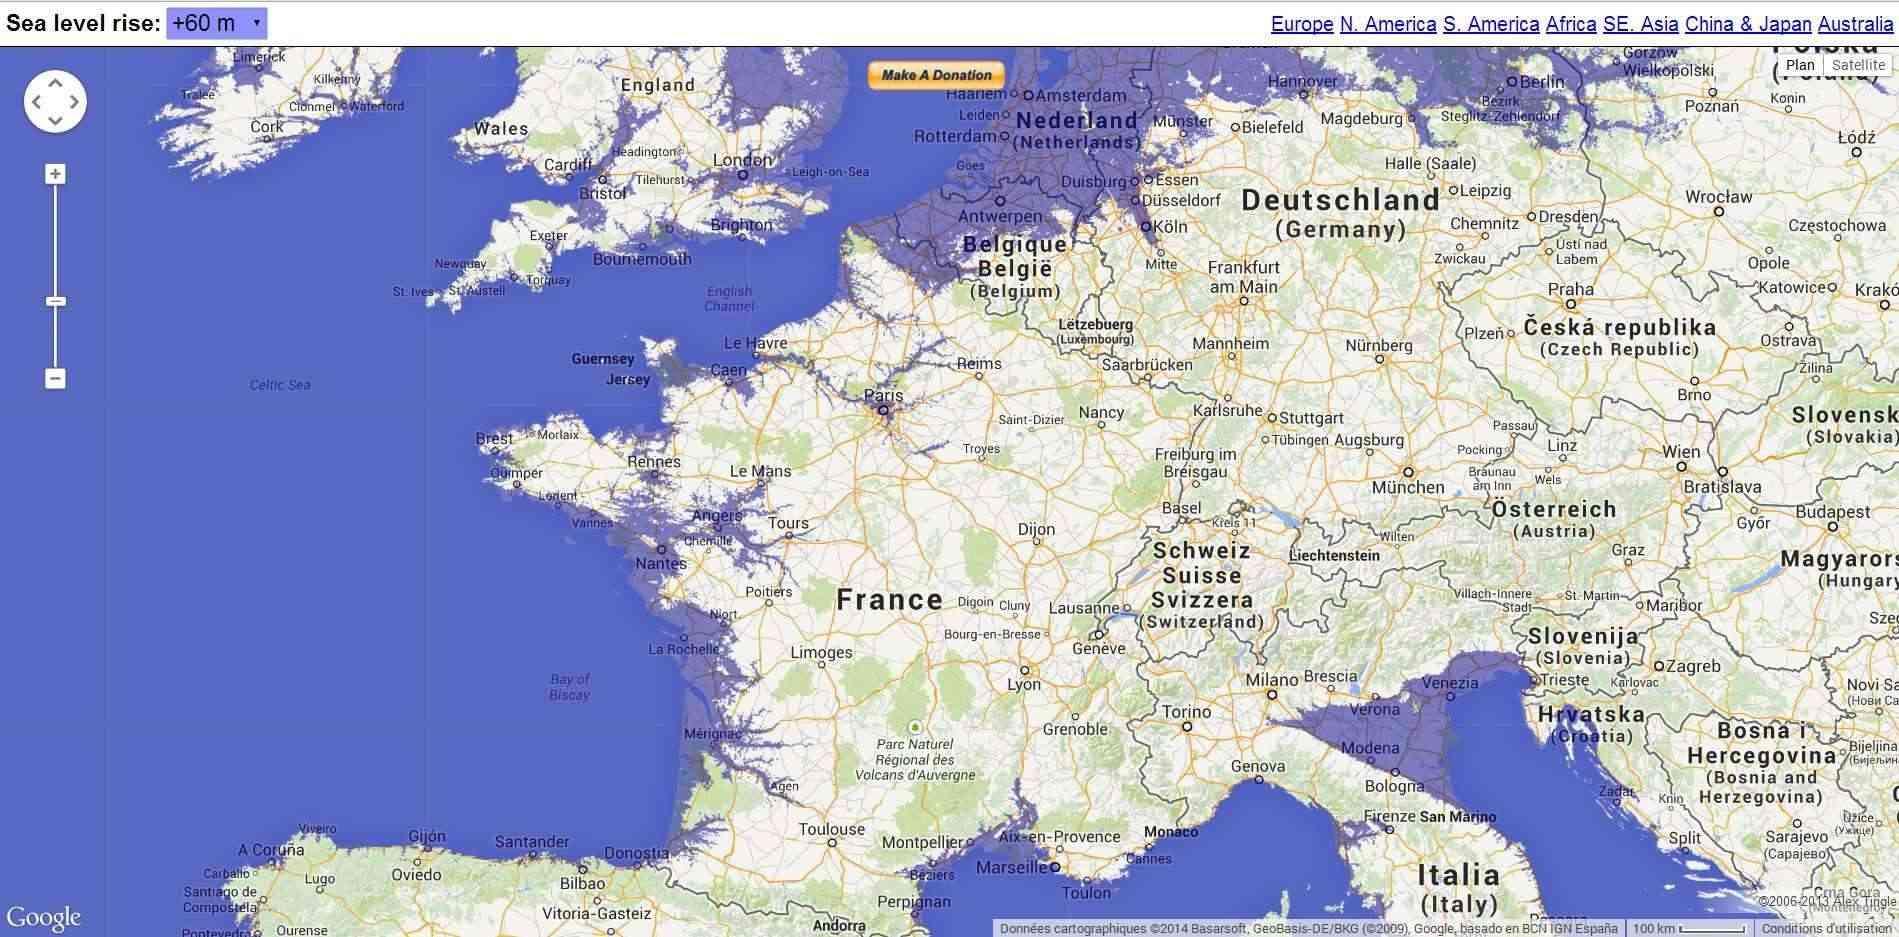 Carte interactive de la montée du niveau des océans  2014-205